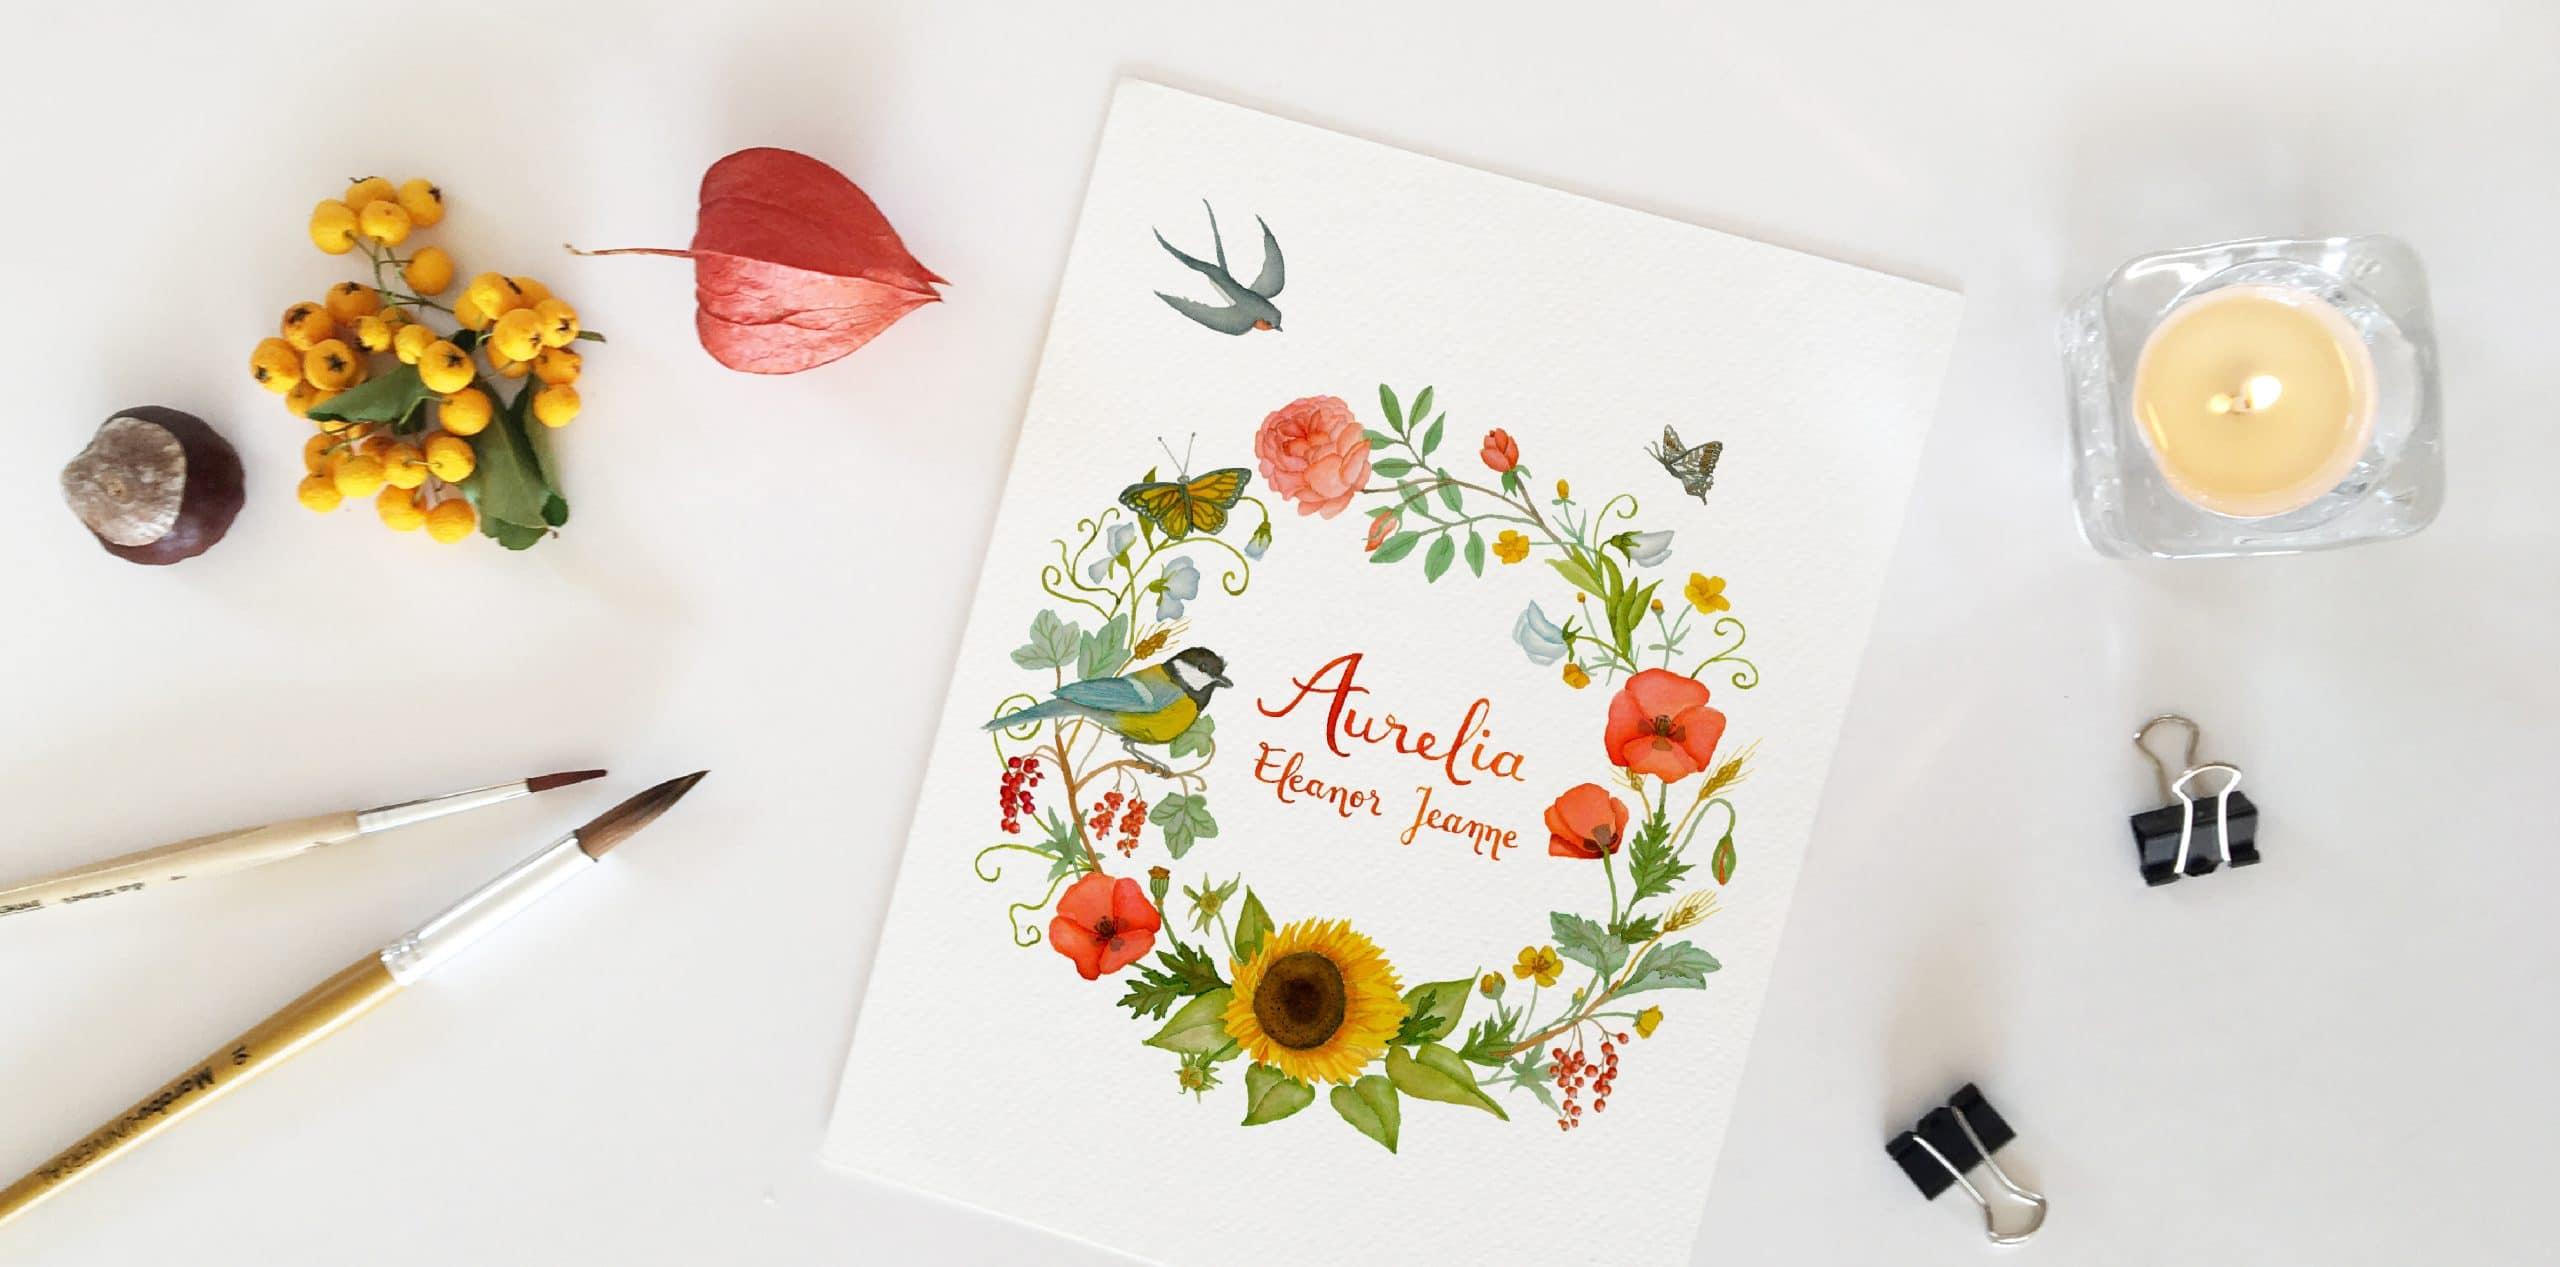 Watercolor florals - wild wreath